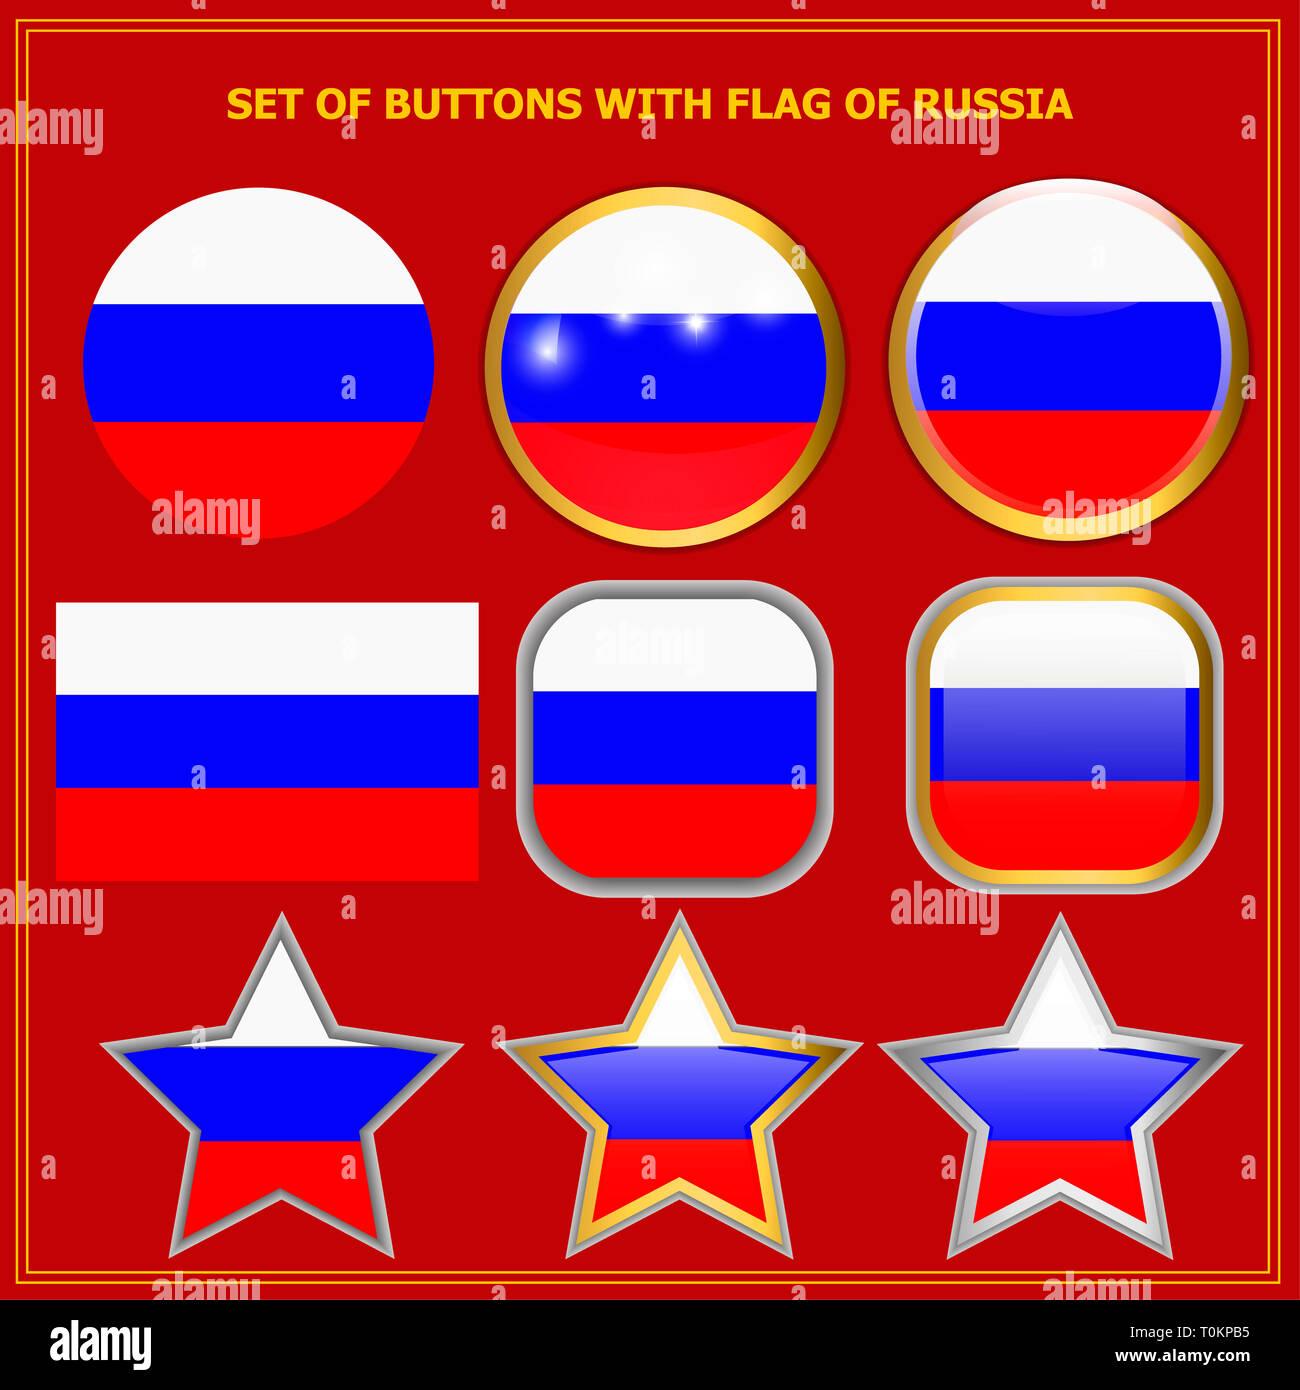 Rusia De Bandera Stockamp; Fotos Imágenes 8wmnNv0